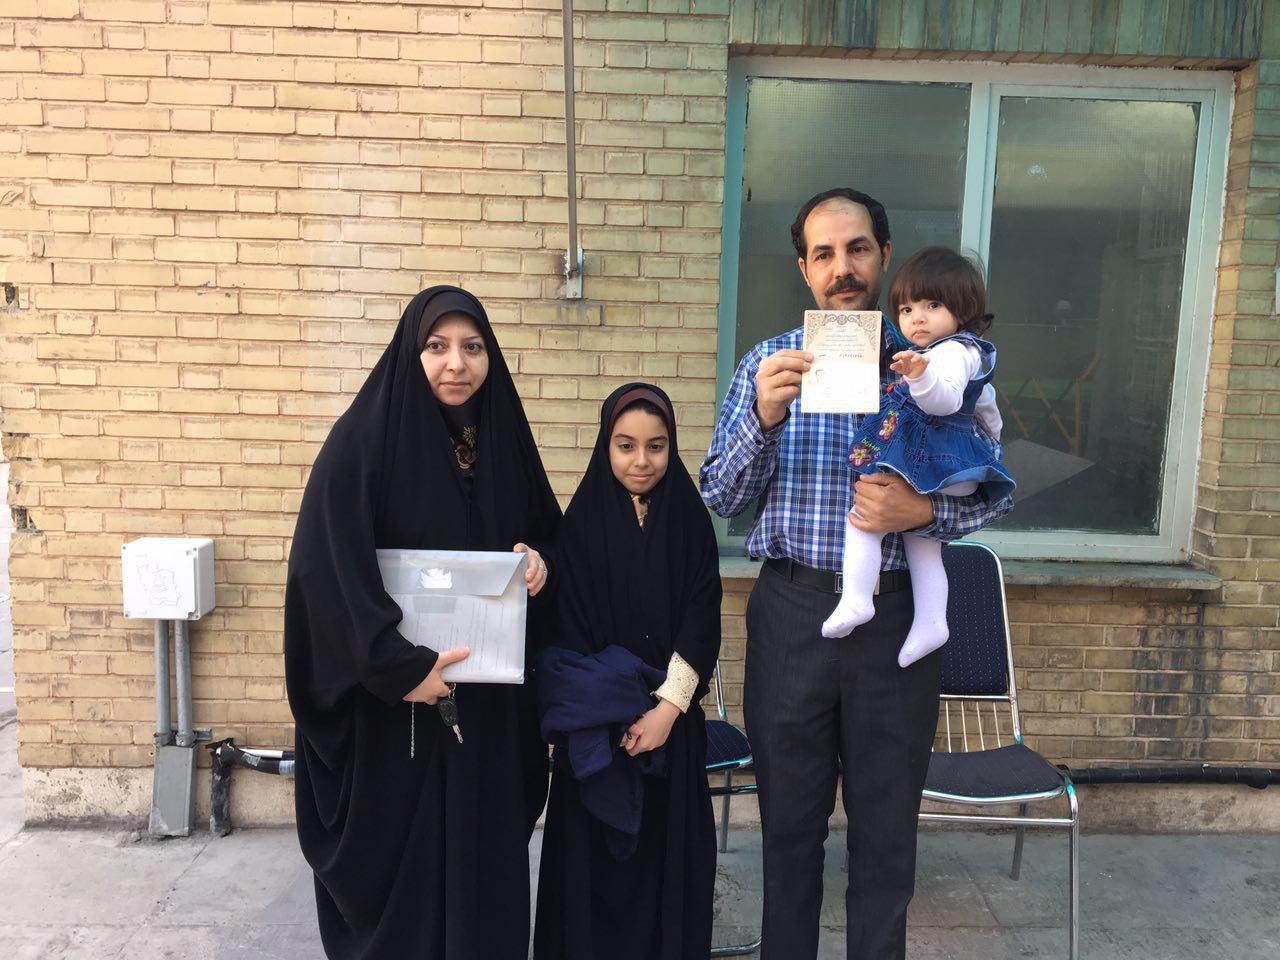 خانواده ای که امروز دسته جمعی در انتخابات ریاست جمهوری ثبت نام کردند + عکس